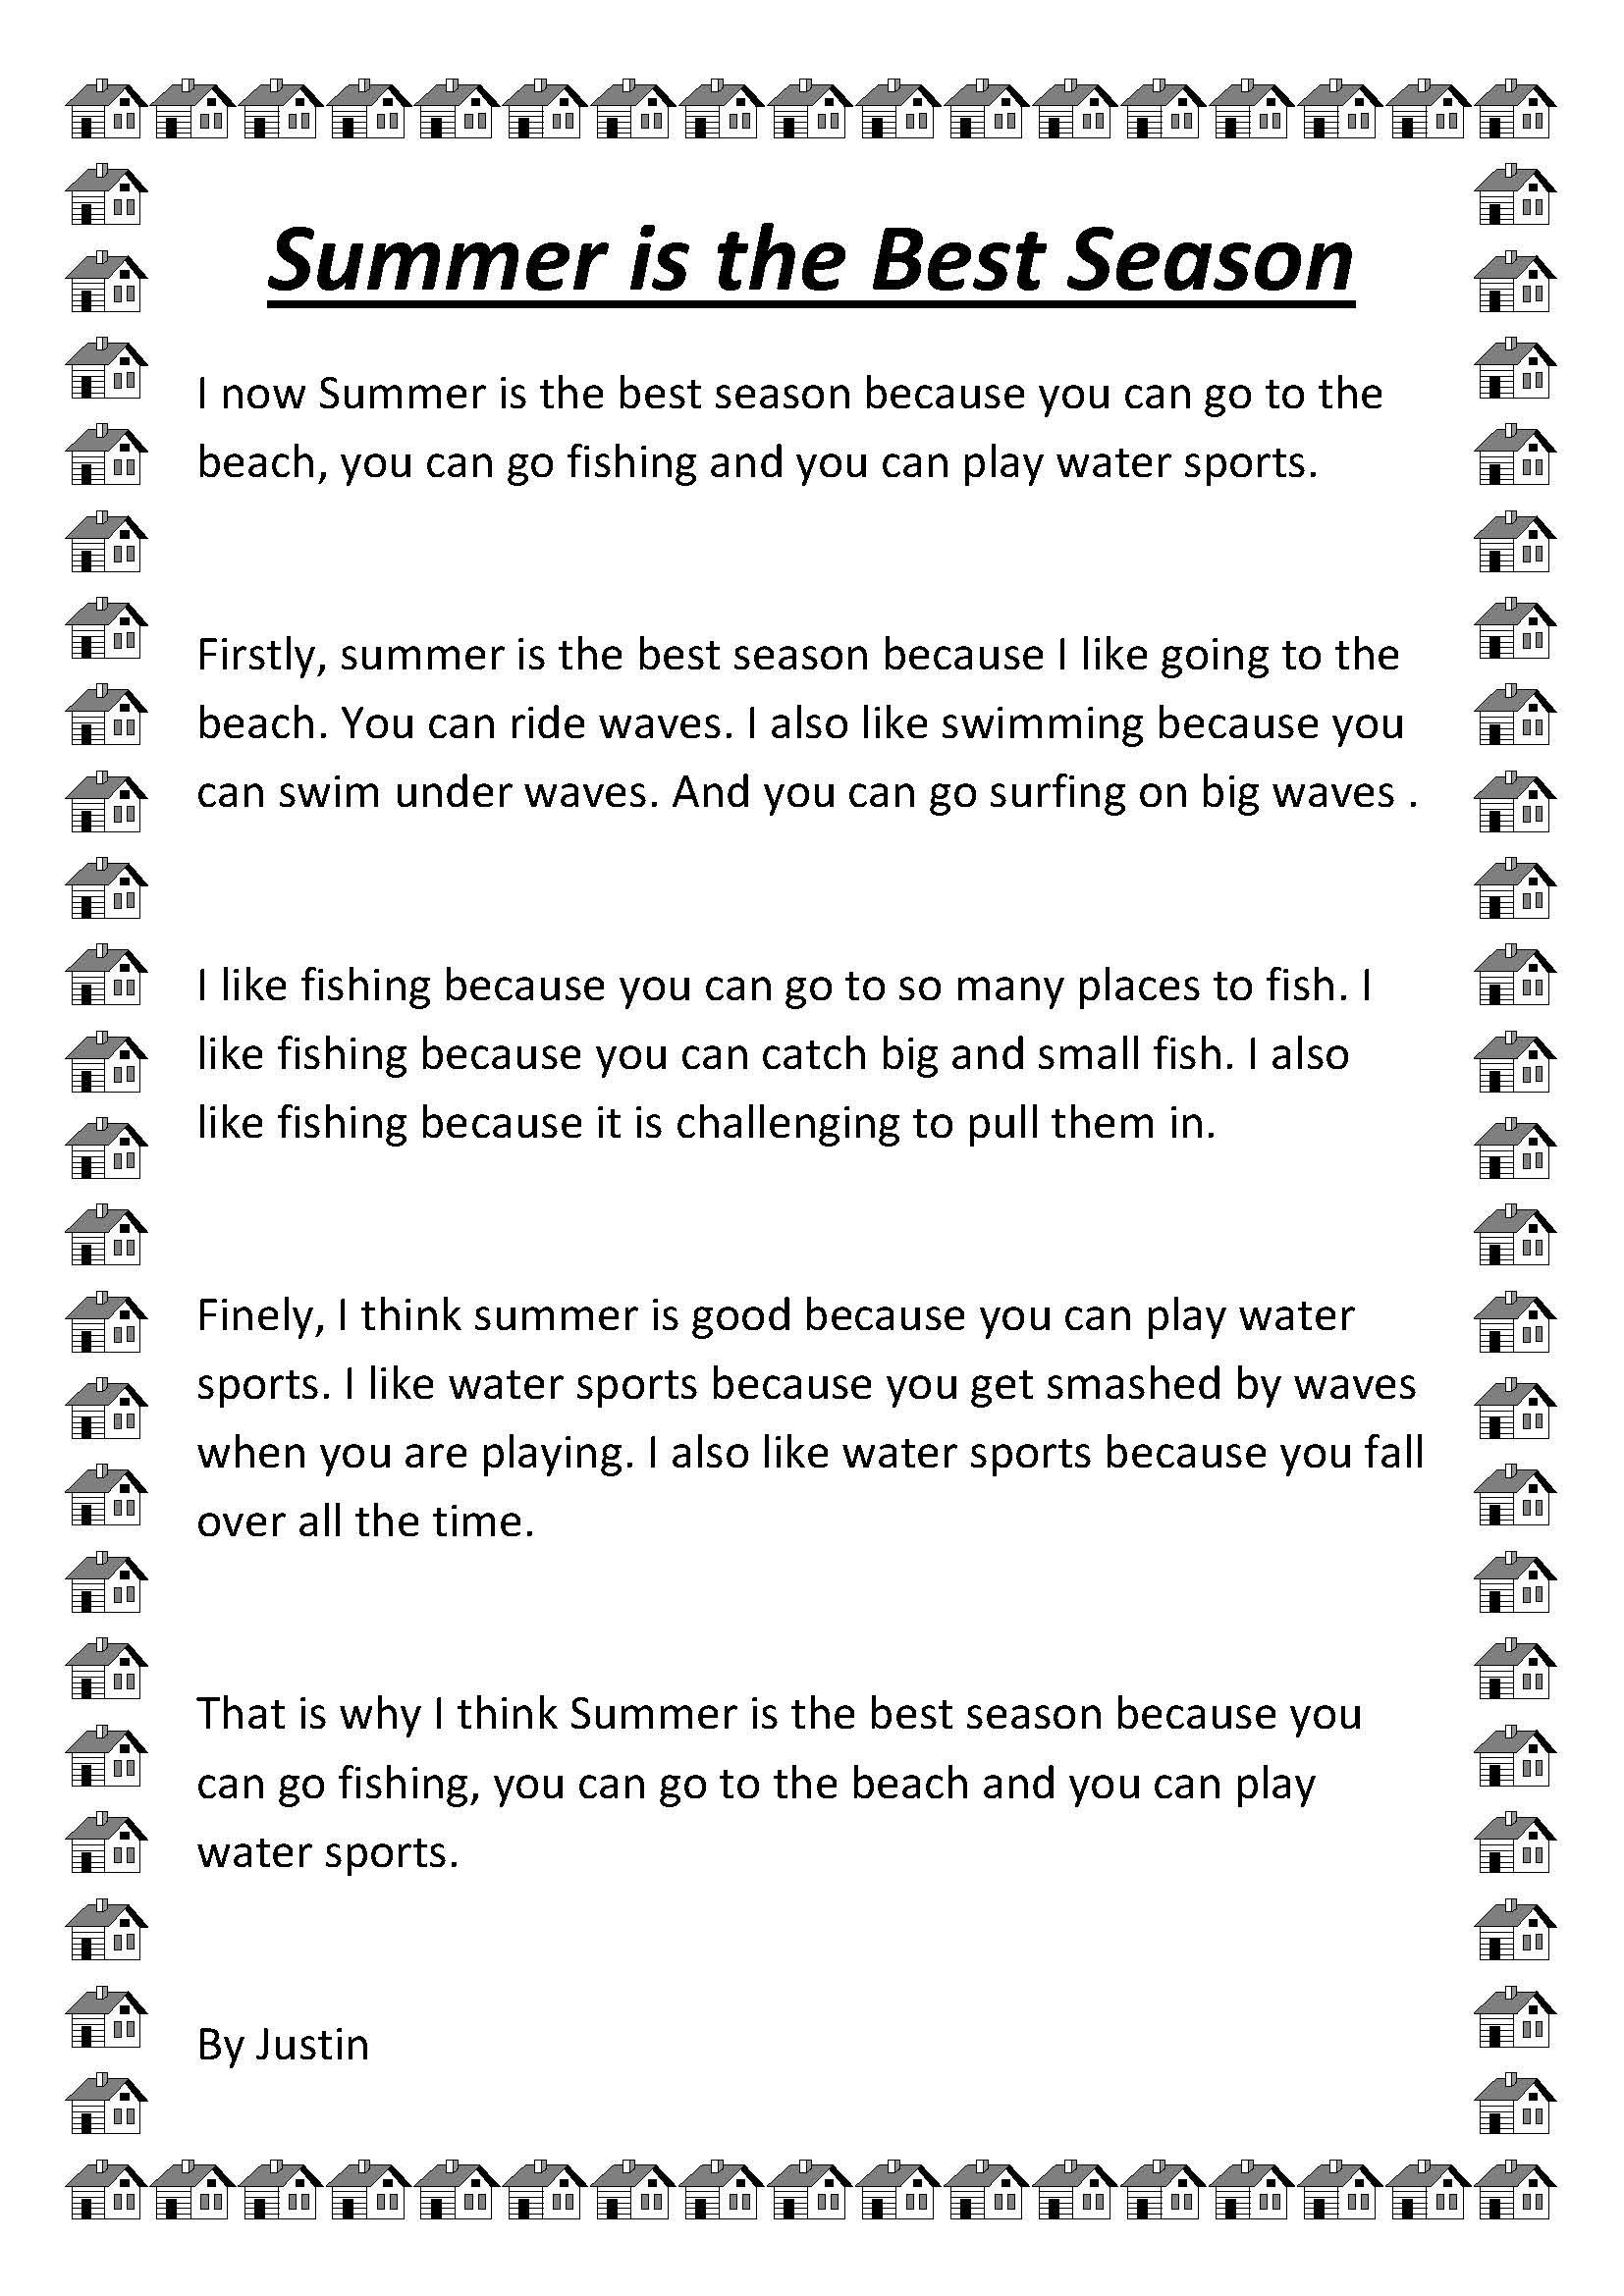 Summer is my favorite season essay